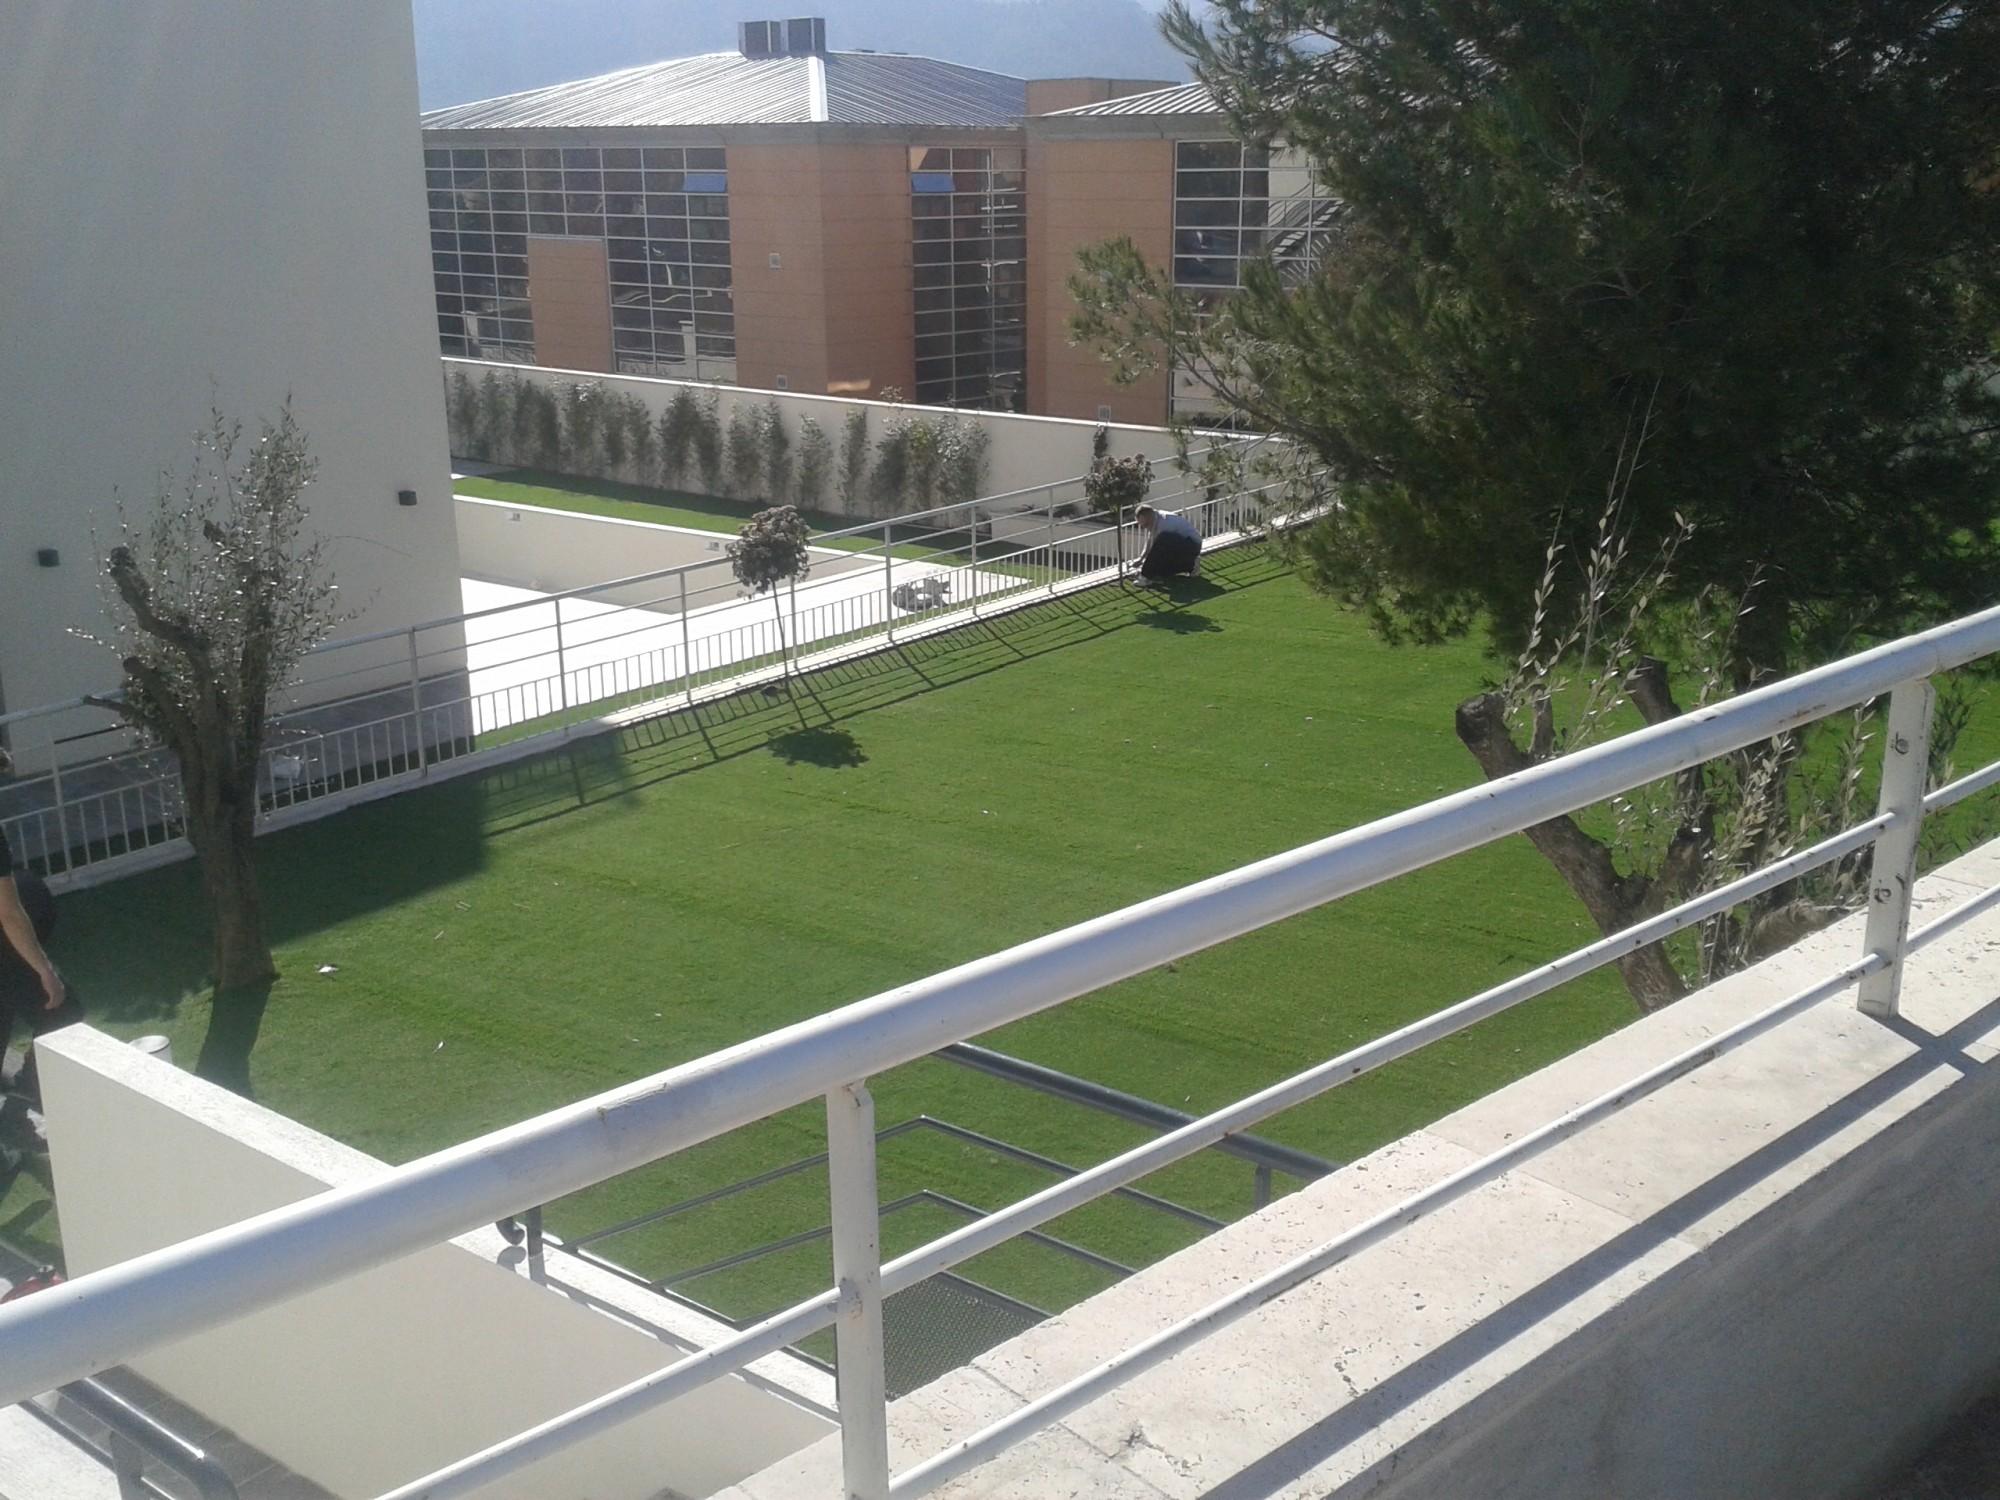 Réalisation d'un chantier en gazon synthétique autour d'une piscine à Marseille